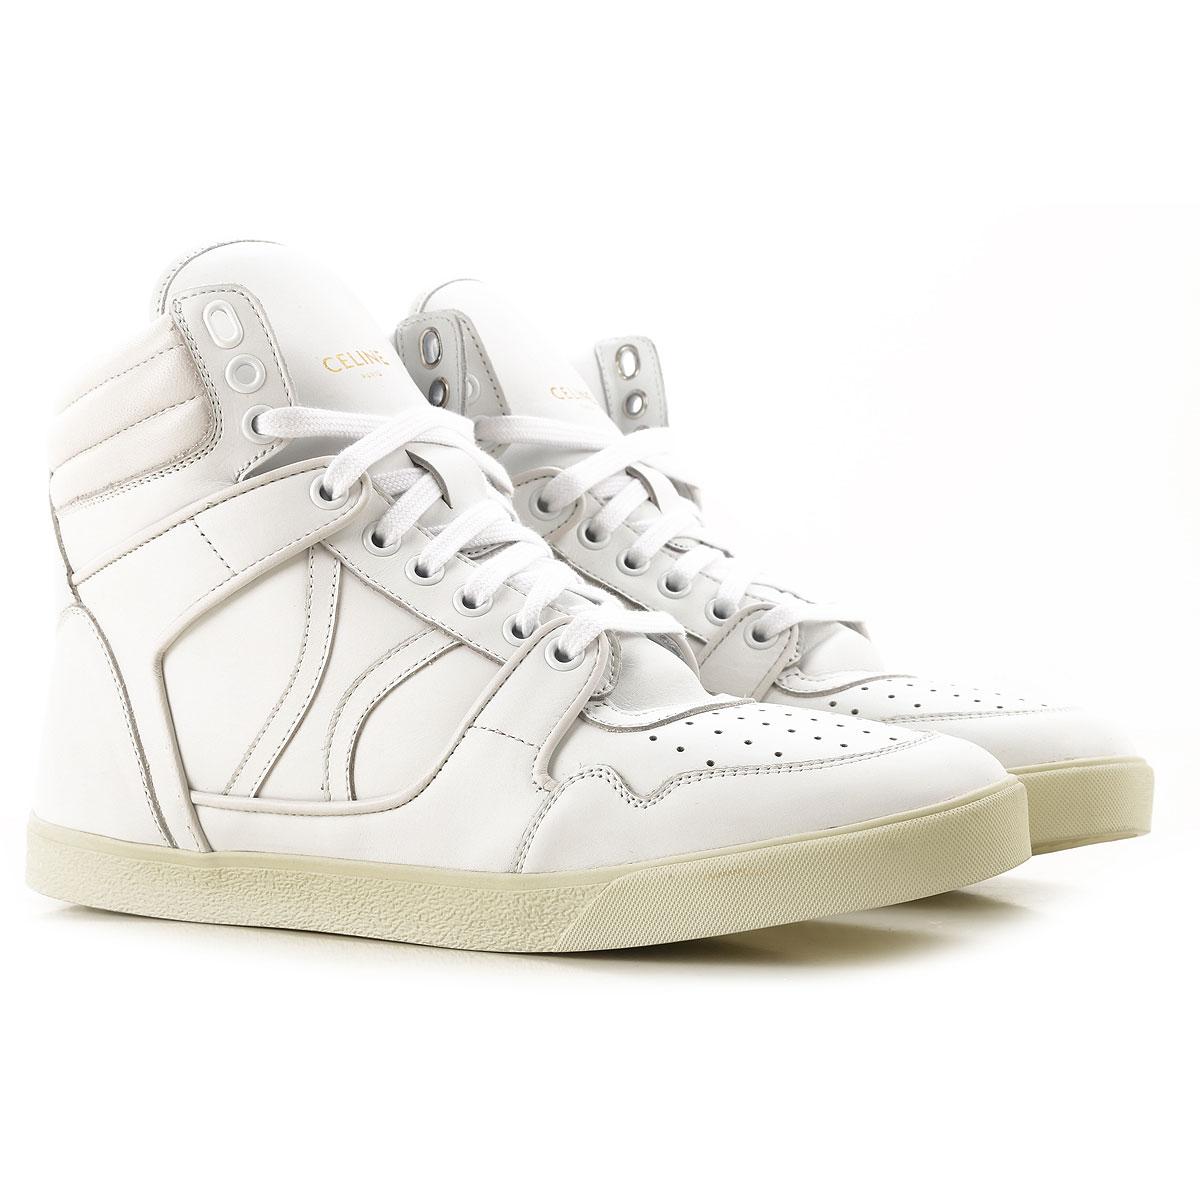 Celine Sneaker Homme Pas cher en Soldes, Blanc, Cuir, 2019, 39.5 41 42 44.5